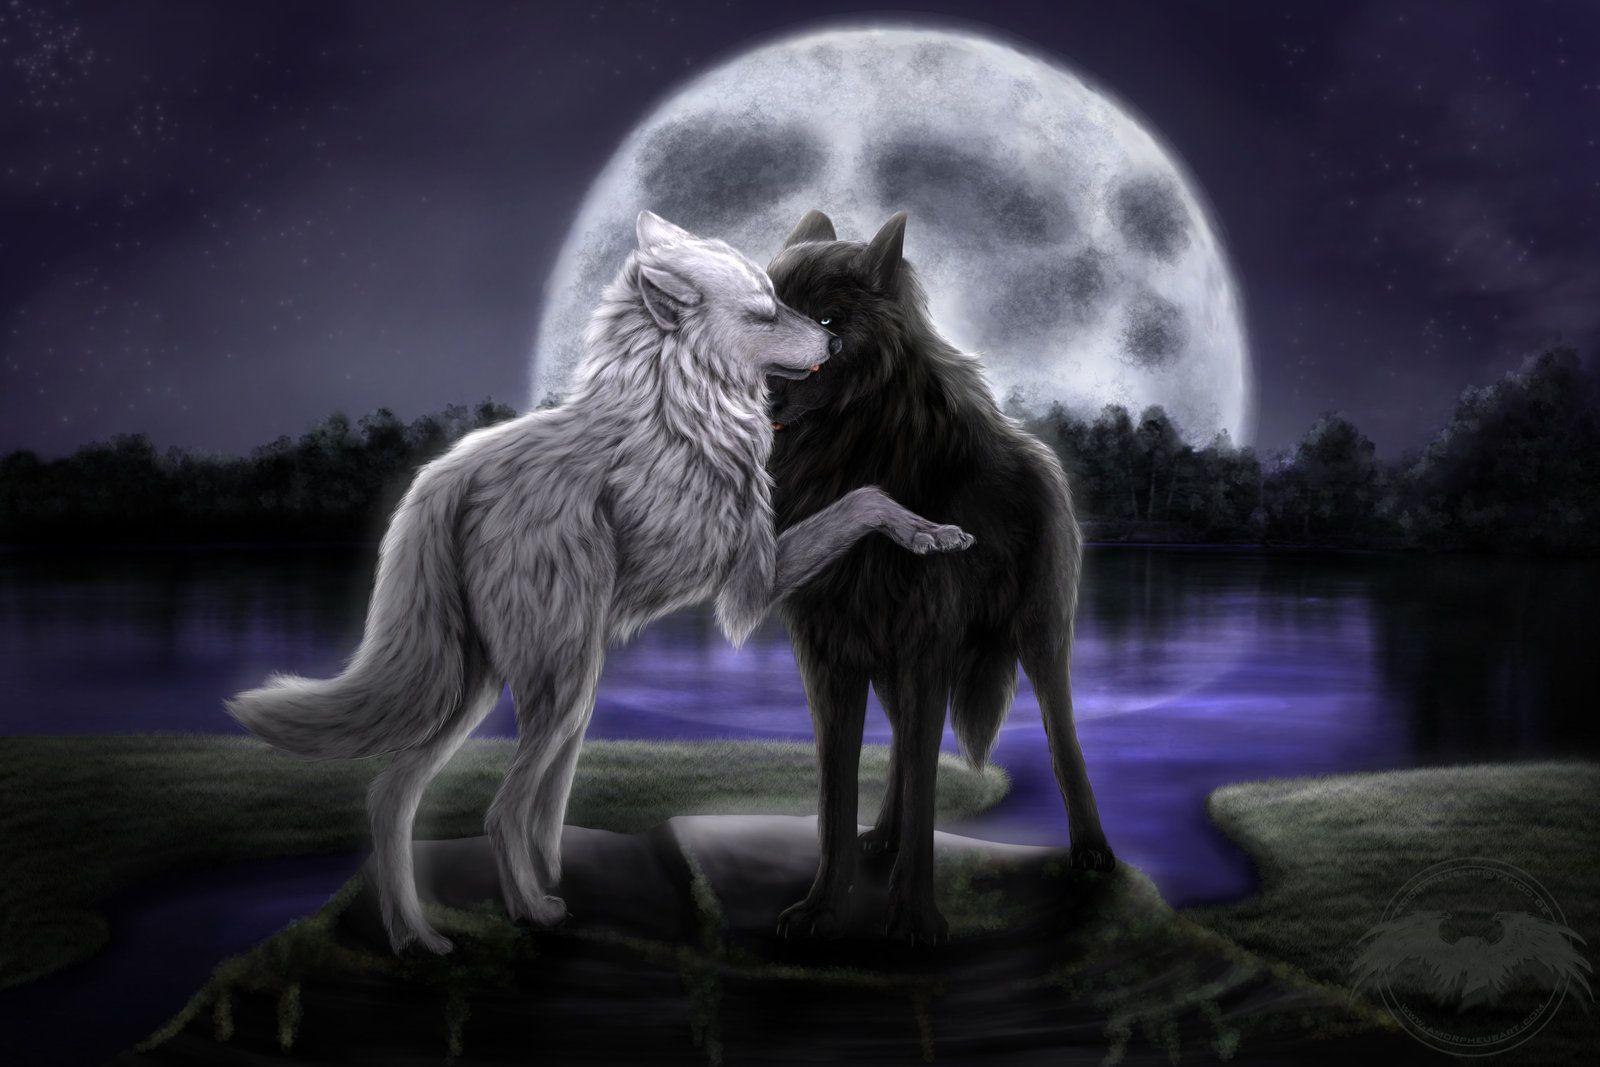 1600x1067 Moon Wolf 3 Hình nền HD